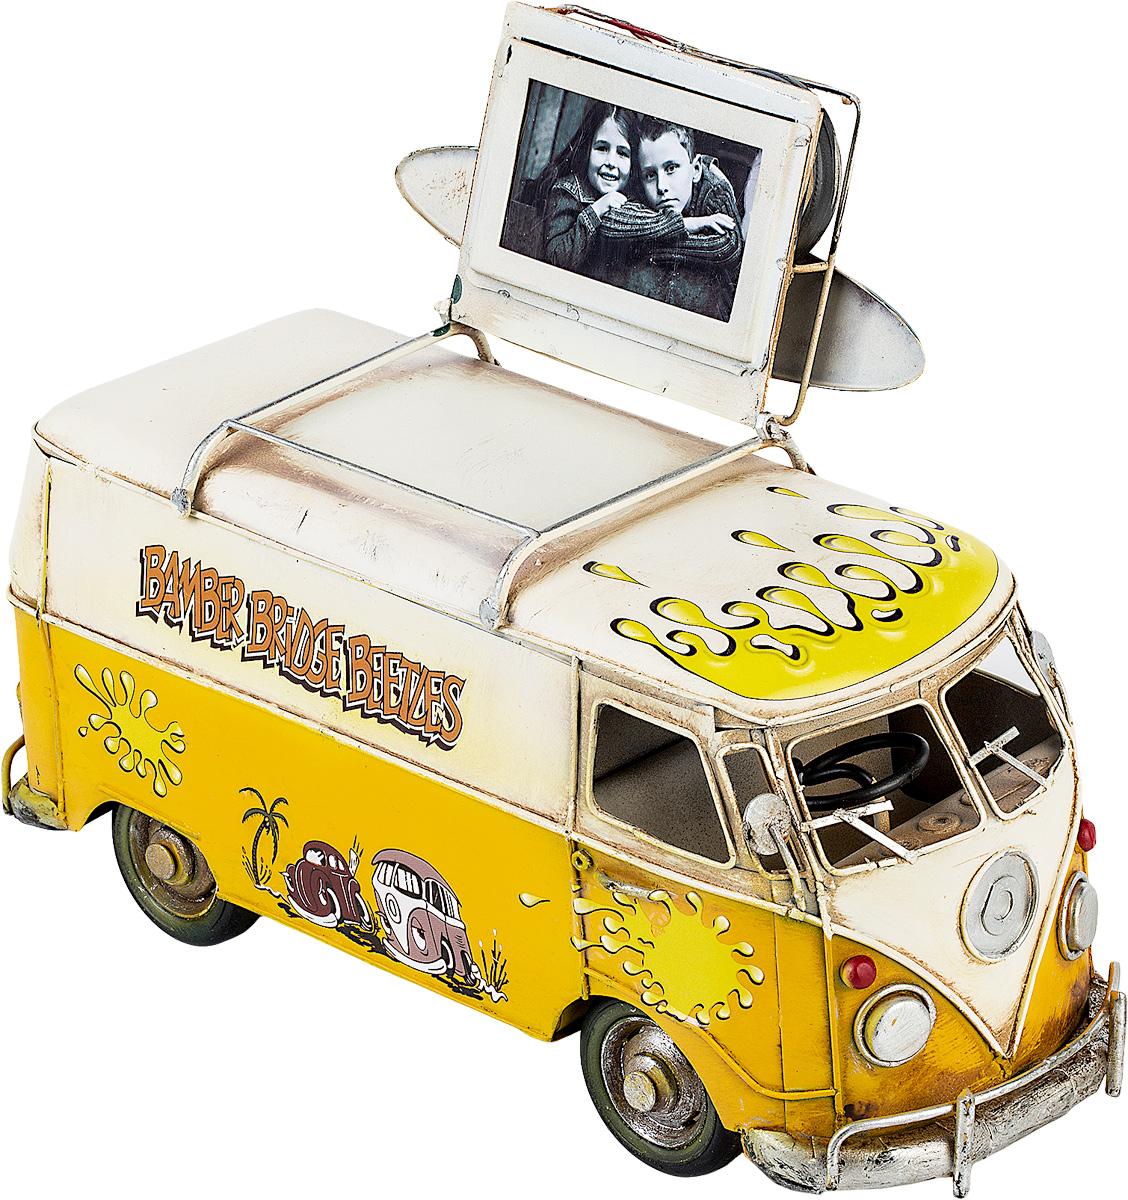 Модель Platinum Автобус, с фоторамкой. 1404E-4332JP-29/17Модель Platinum Автобус, выполненная из металла, станет оригинальным украшением вашего интерьера. Вы можете поставить модель автобуса в любом месте, где она будет удачно смотреться.Изделие дополнено фоторамкой, куда вы можете вставить вашу любимую фотографию.Качество исполнения, точные детали и оригинальный дизайн выделяют эту модель среди ряда подобных. Модель займет достойное место в вашей коллекции, а также приятно удивит получателя в качестве стильного сувенира.Размер фотографии: 4 х 7 см.